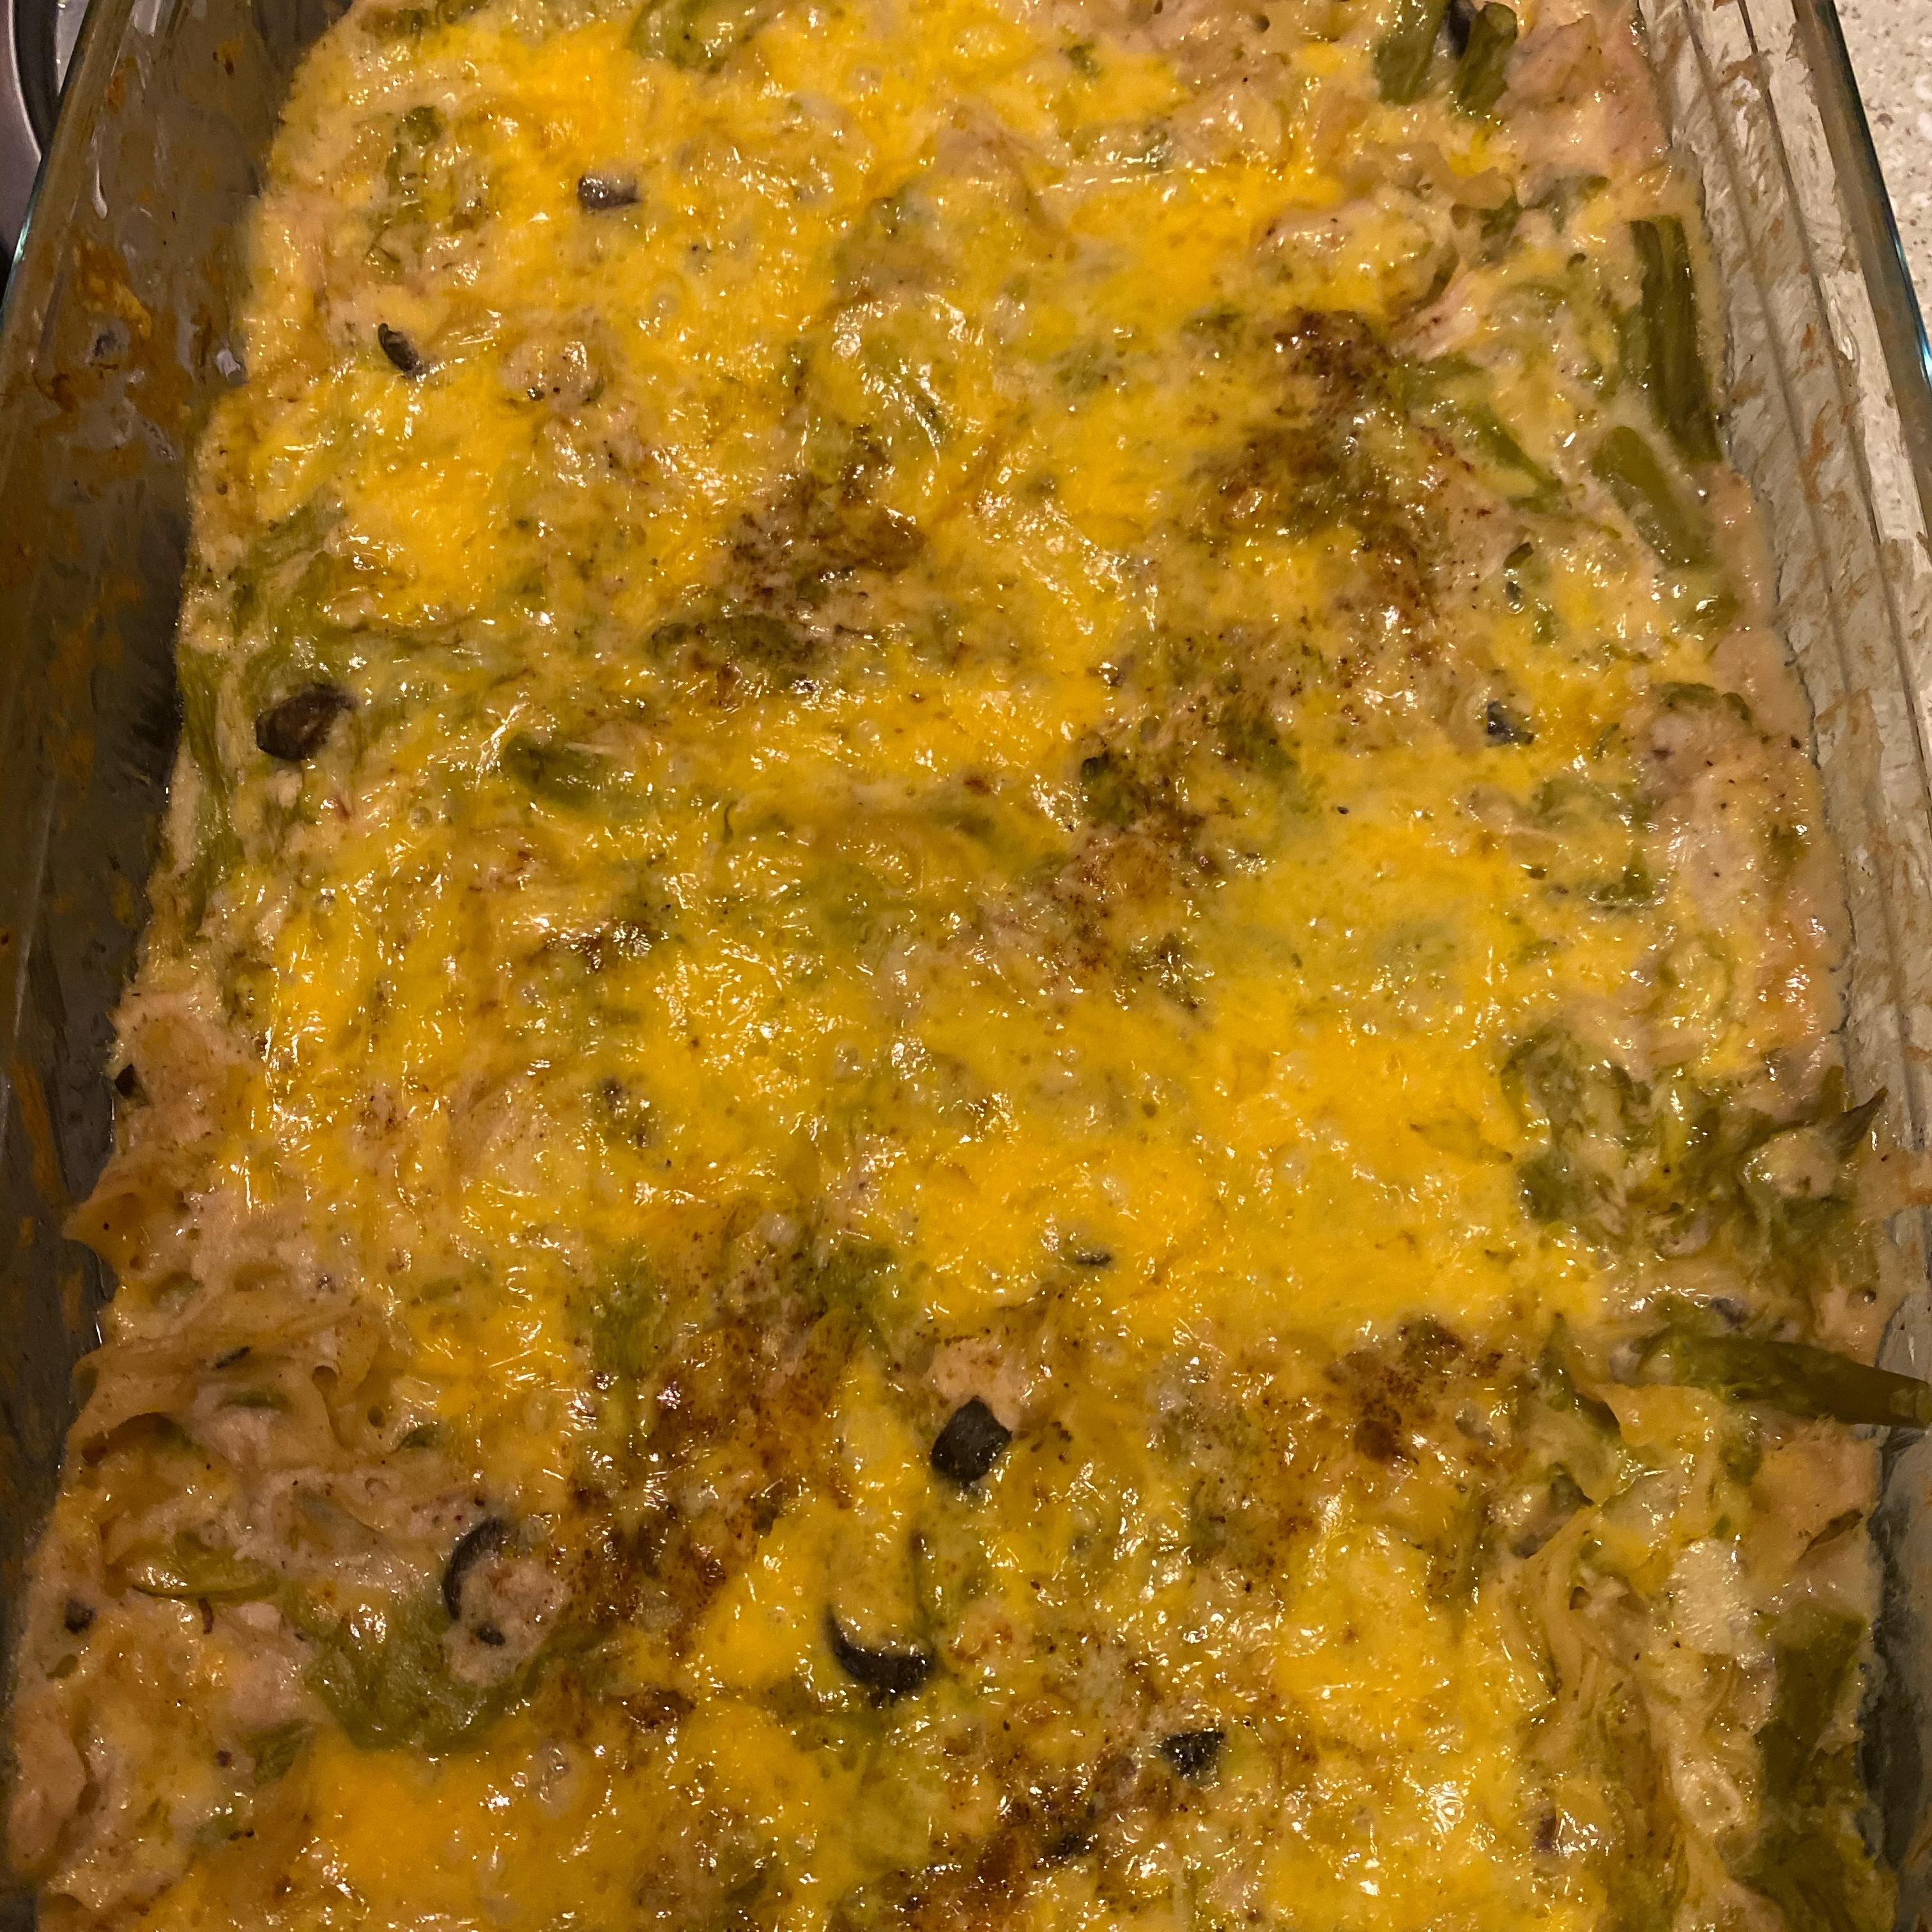 Tuna Noodle Asparagus Casserole Gwendolyn Williams